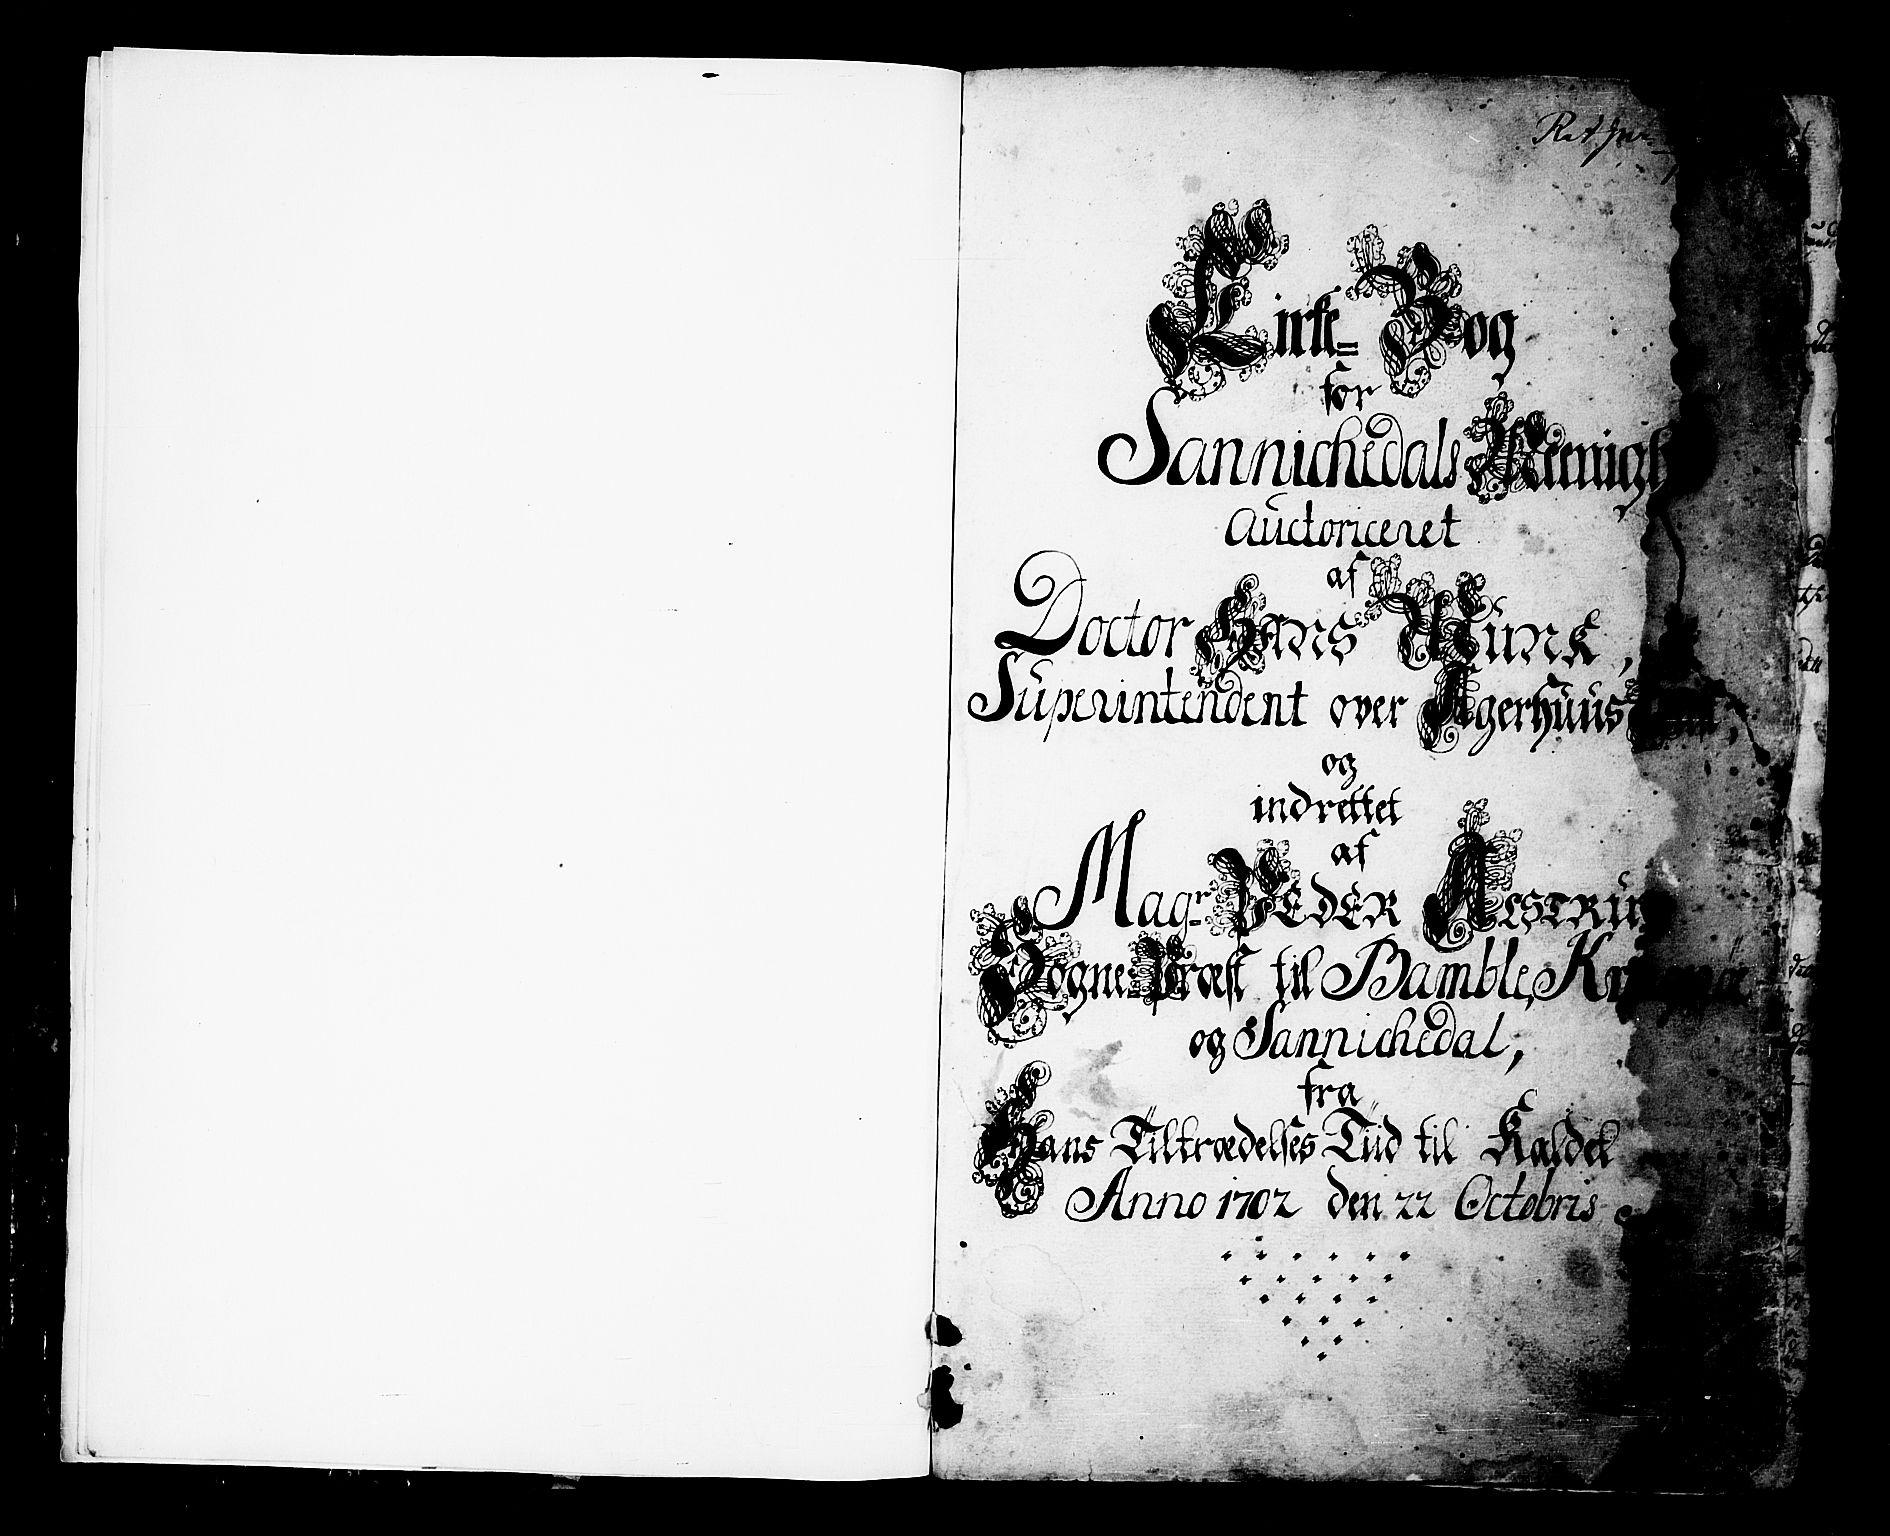 SAKO, Sannidal kirkebøker, F/Fa/L0001: Ministerialbok nr. 1, 1702-1766